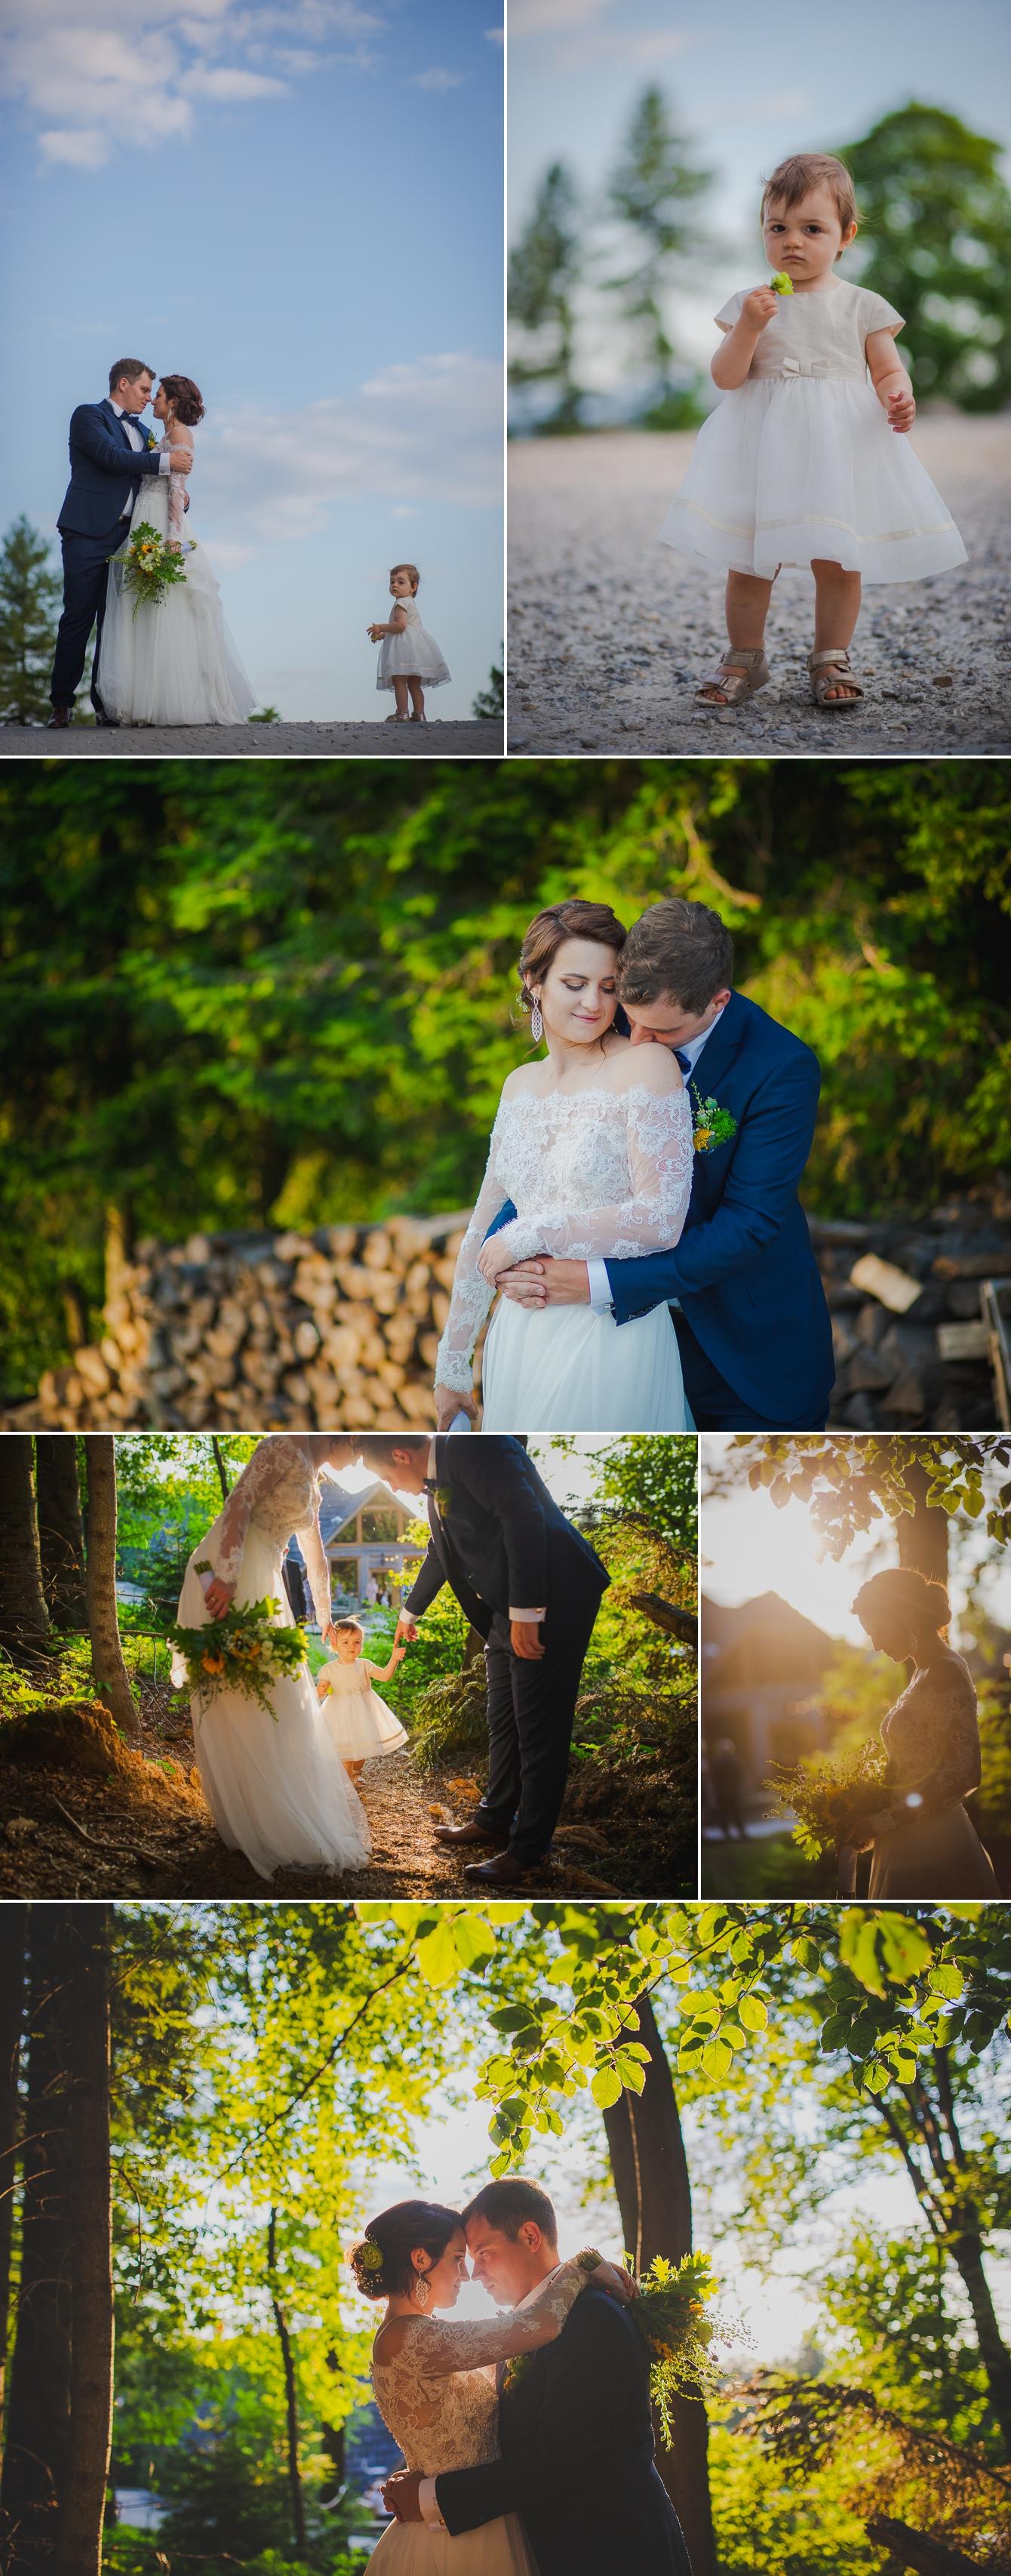 Ania i Damian - ślub w górach - Kocierz SPA - fotografia ślubna - bartek Wyrobek  (21).jpg